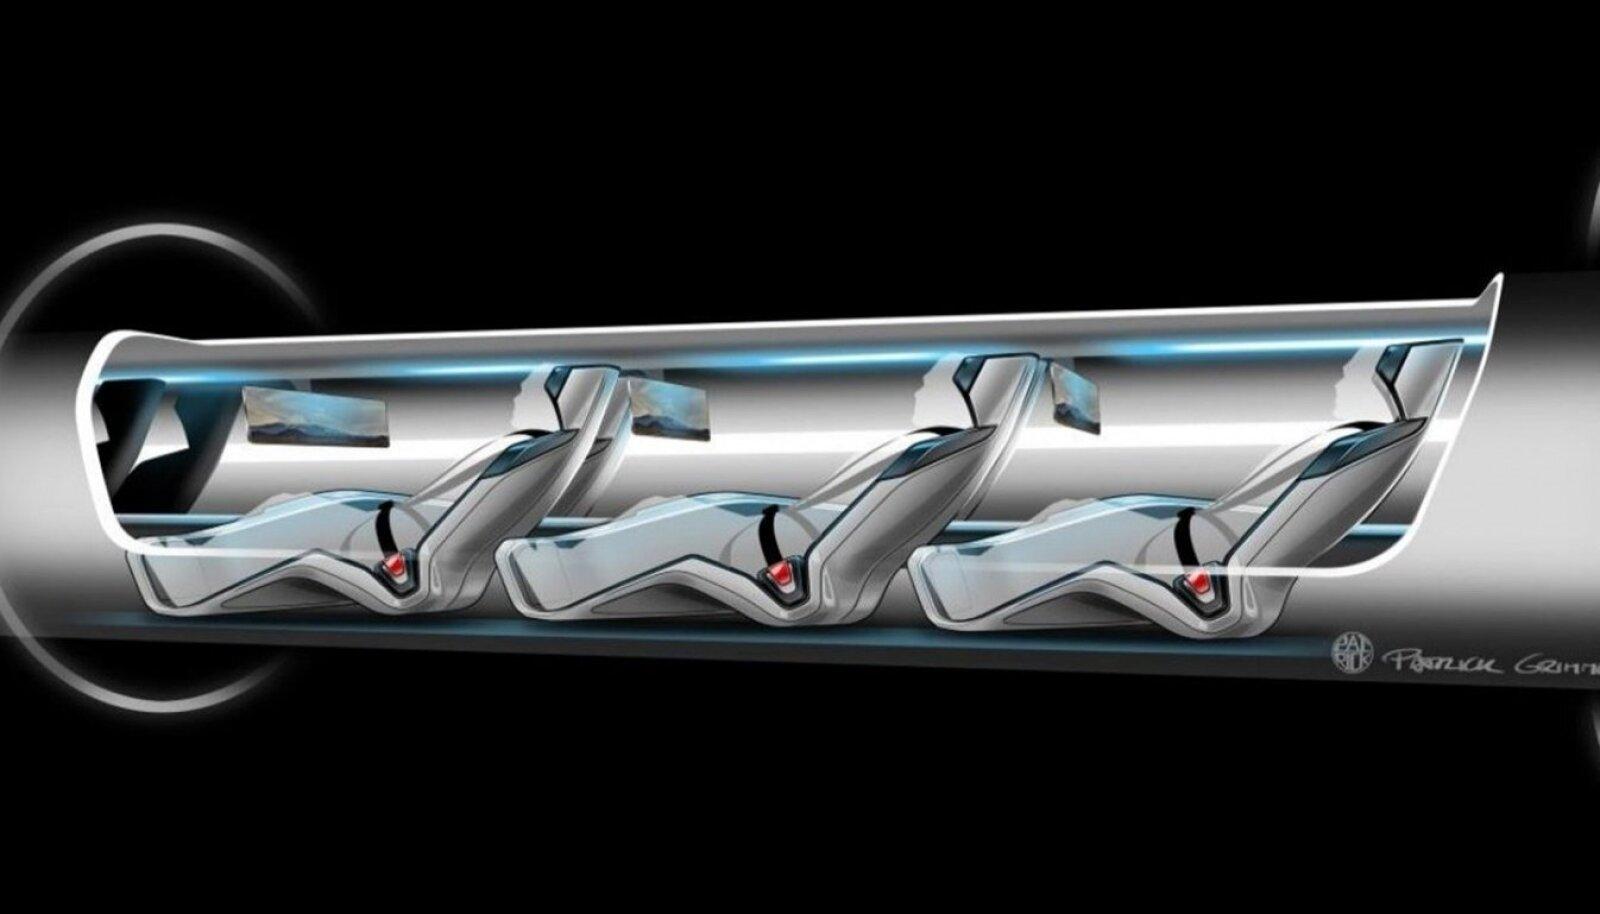 Ideelahendus, kuidas asetseksid reisijad Hyperloopis.